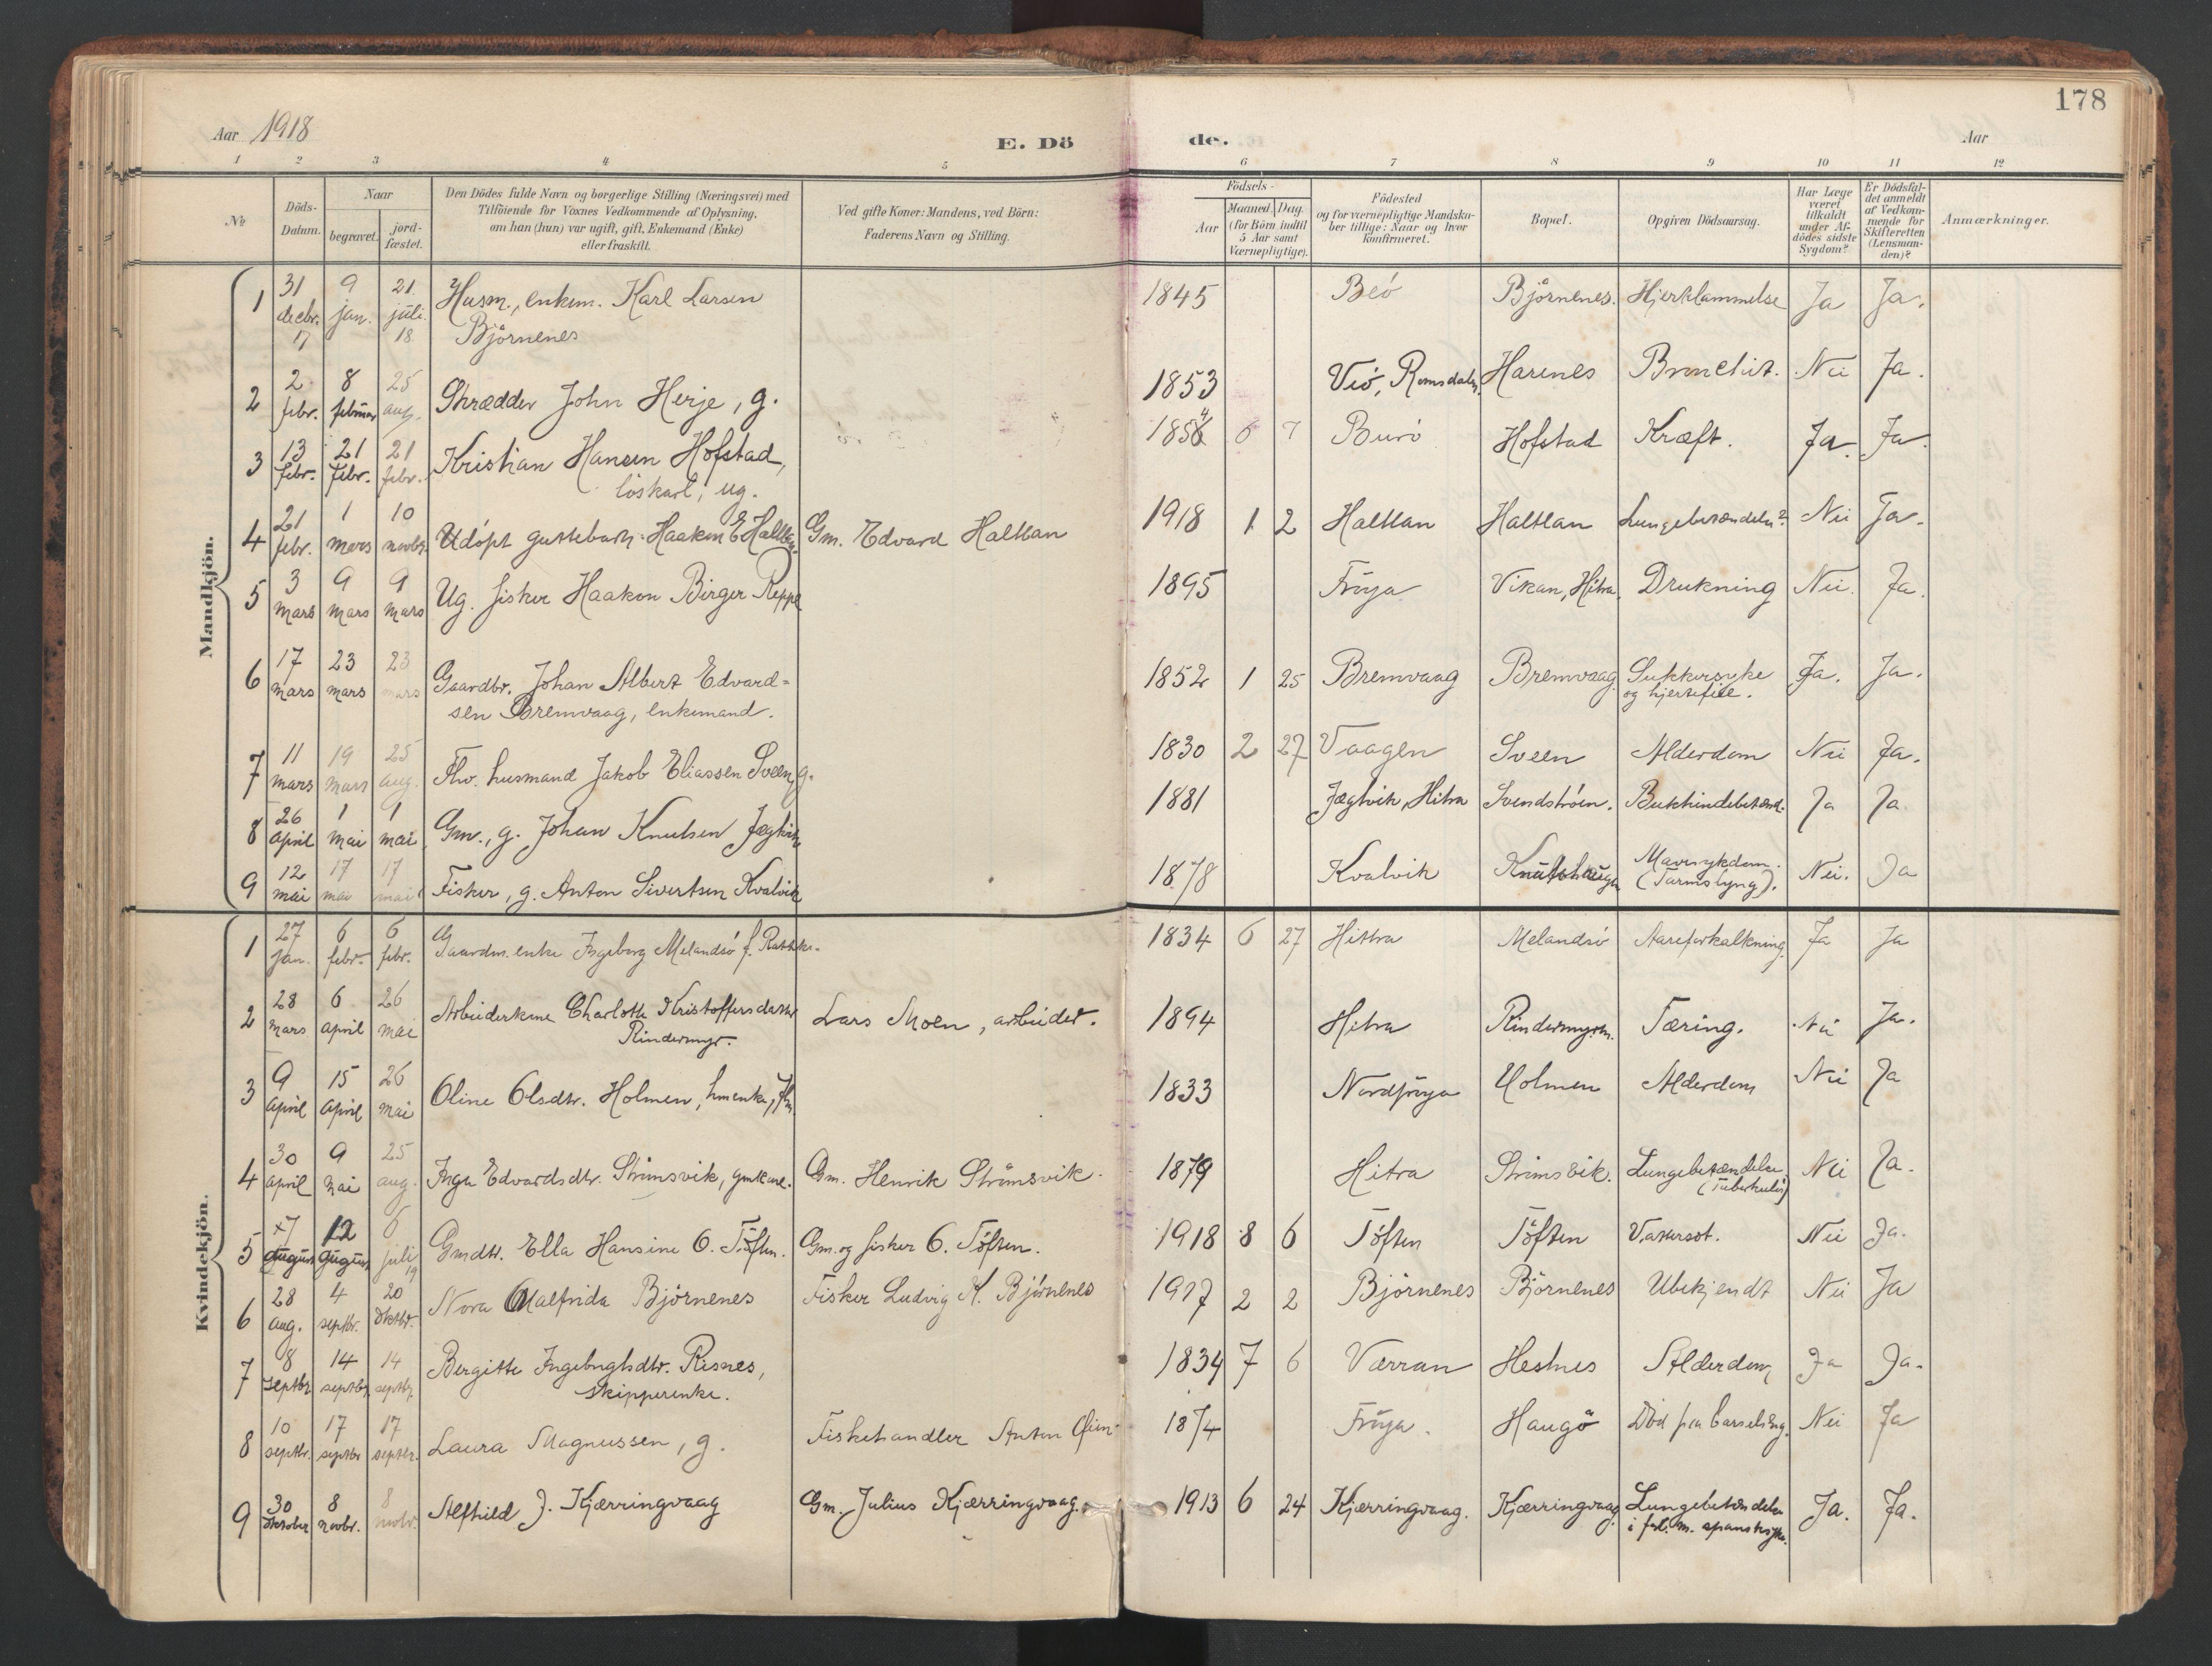 SAT, Ministerialprotokoller, klokkerbøker og fødselsregistre - Sør-Trøndelag, 634/L0537: Ministerialbok nr. 634A13, 1896-1922, s. 178